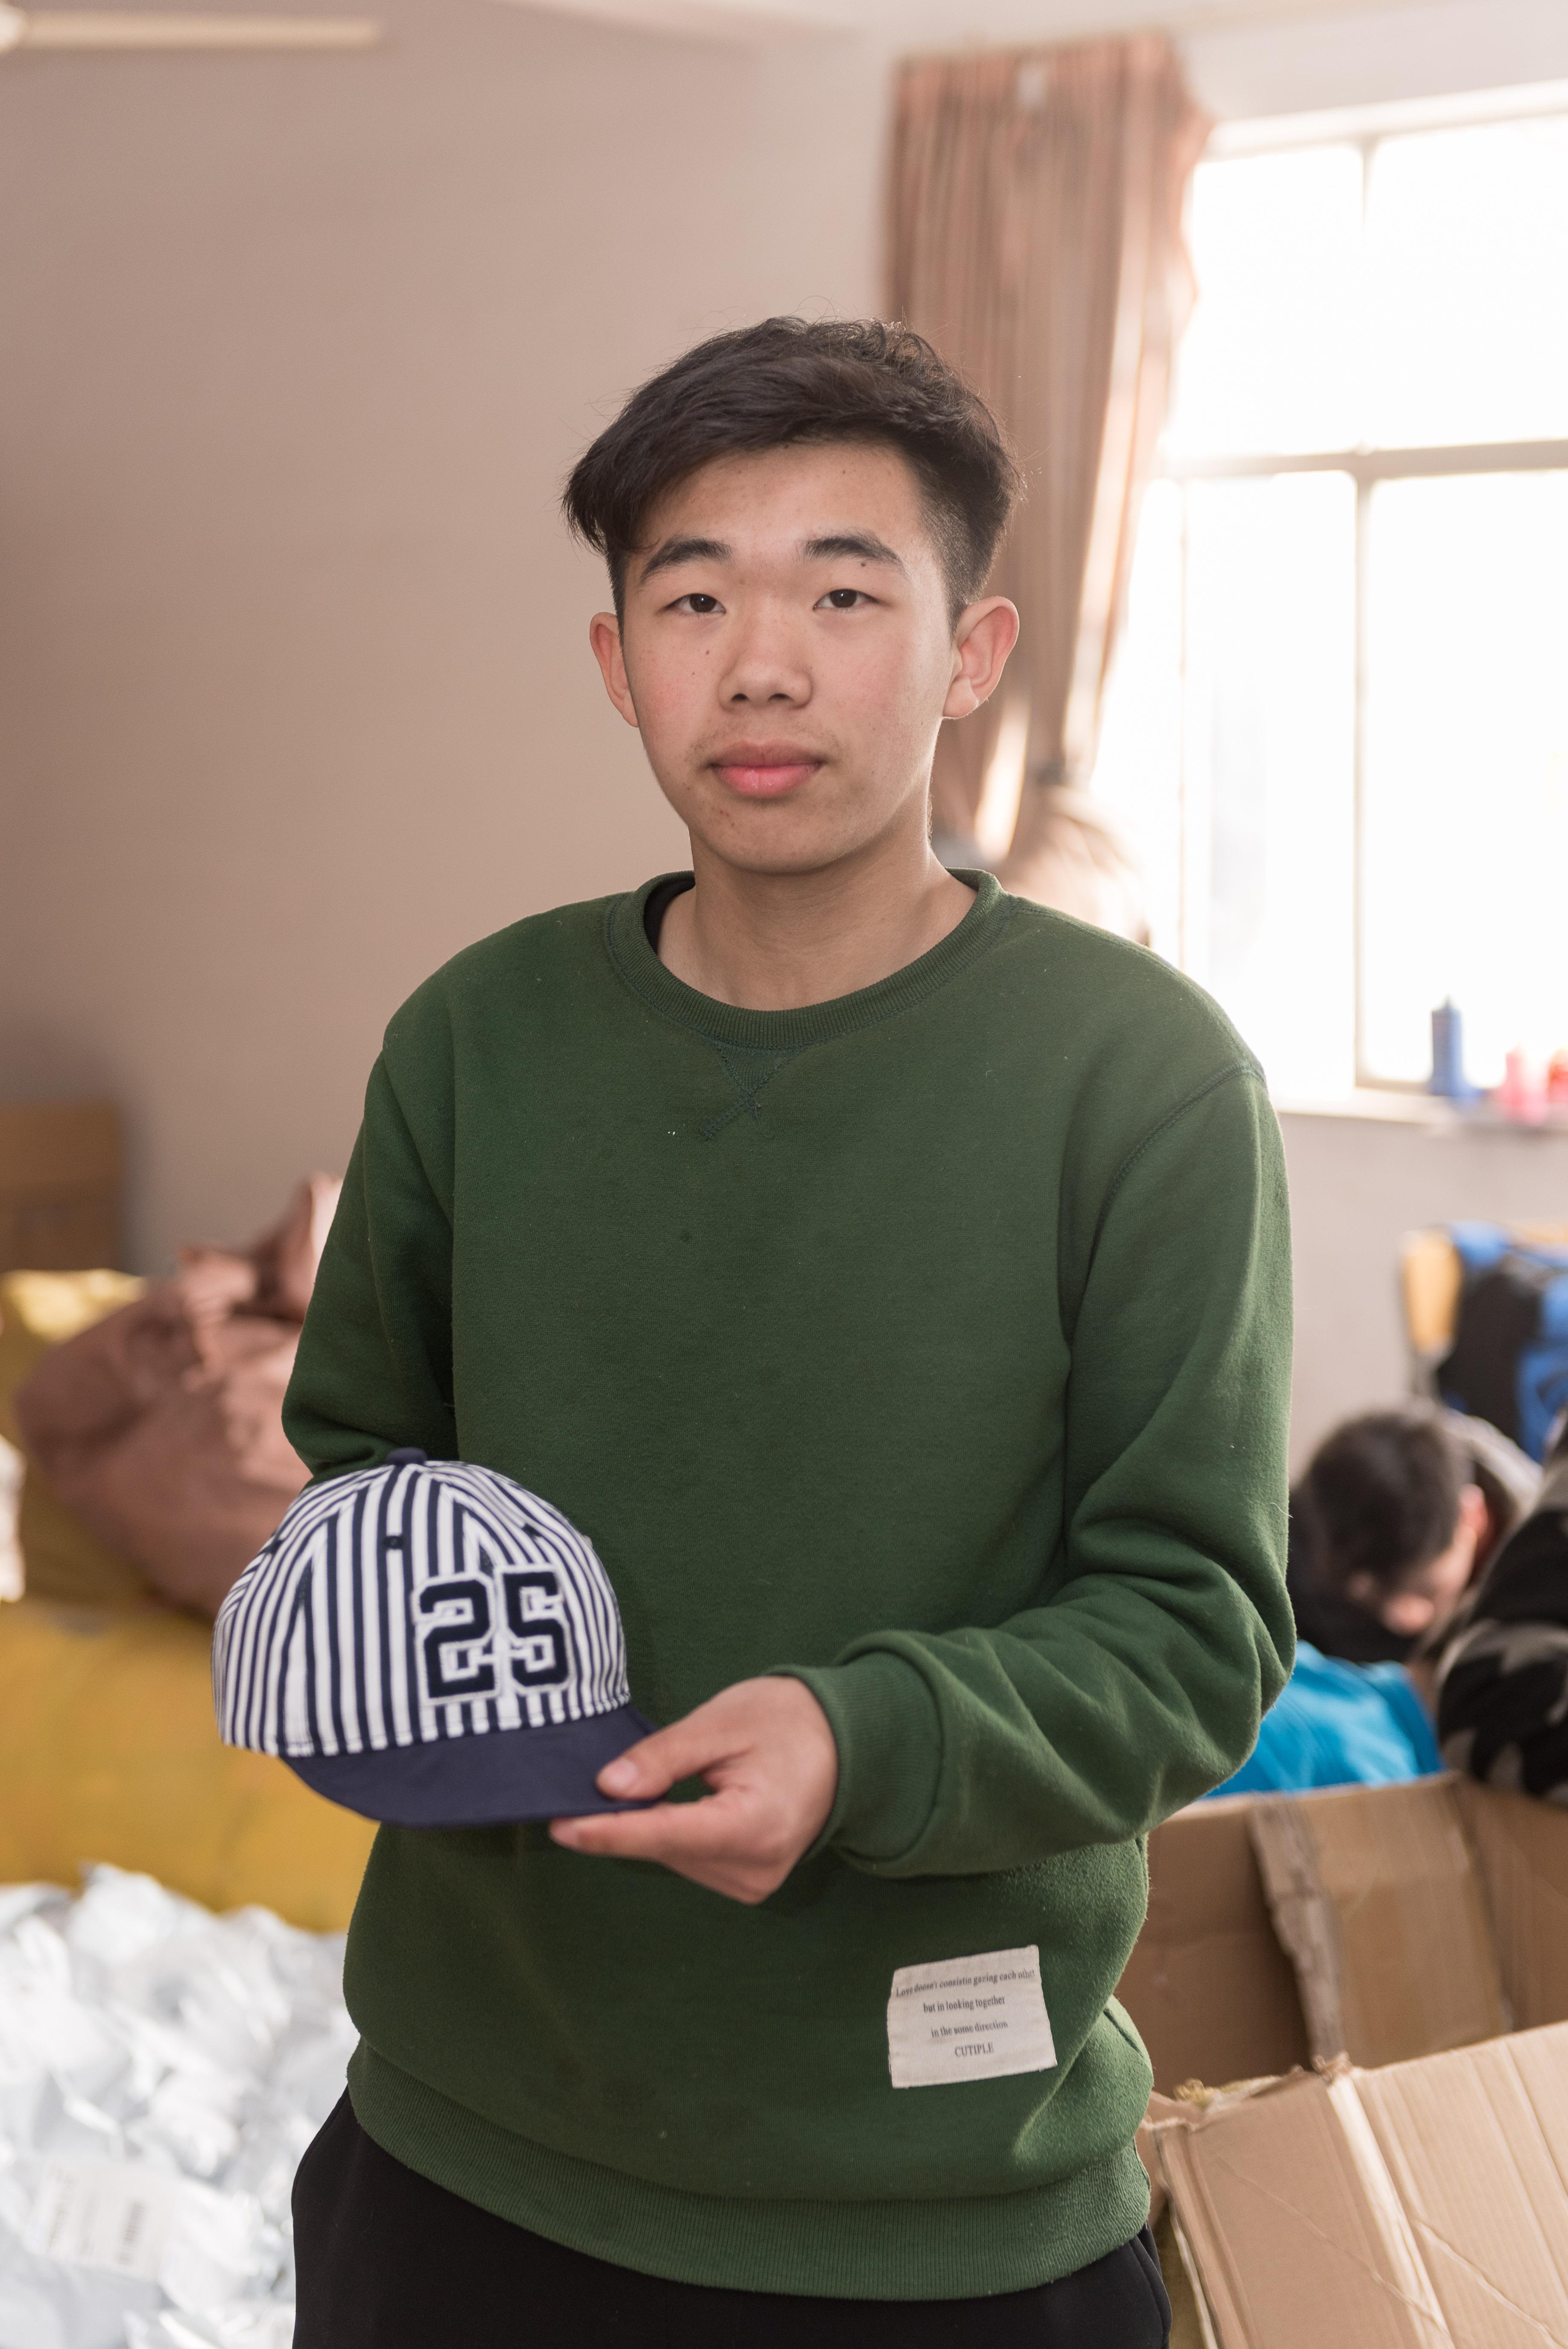 林宏遠_浙江台州人,義烏工商學院創業班學生。出生於一九九六年的林同學,外表有些靦腆,稚氣未脫的臉龐,講起創業甘苦談可一點也不含糊。